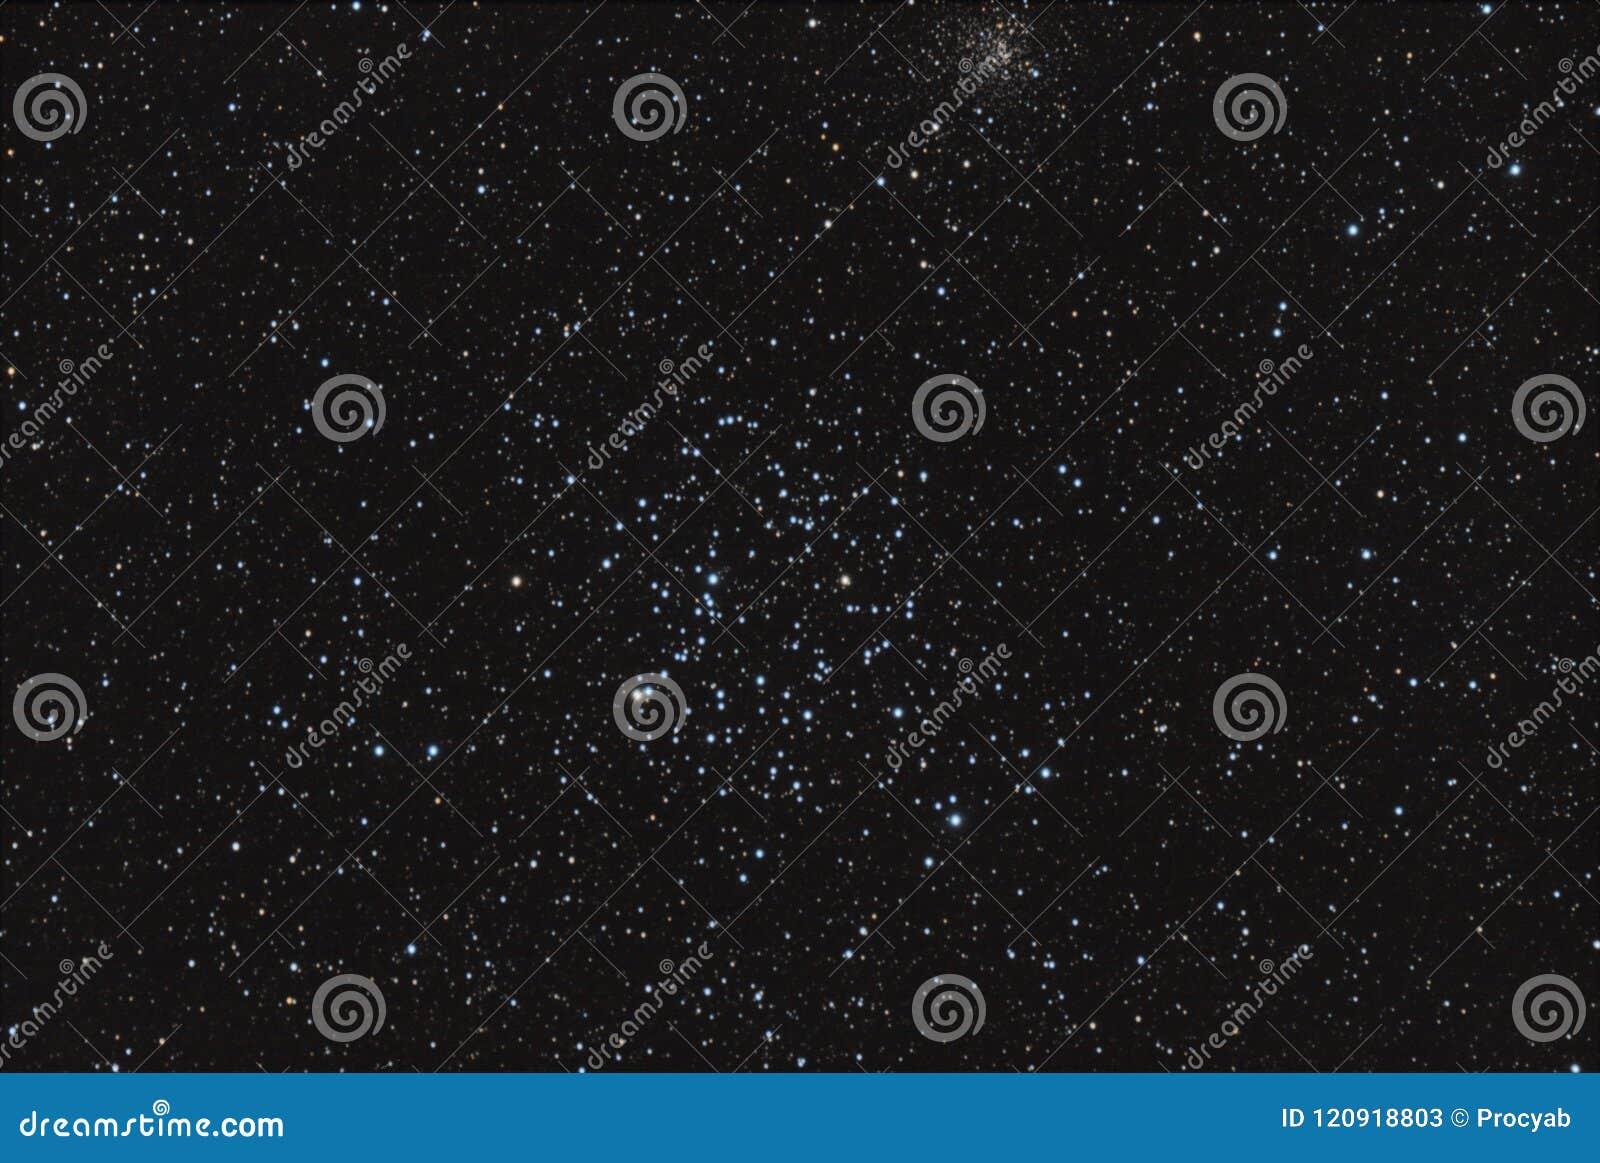 Раскройте звездное скопление